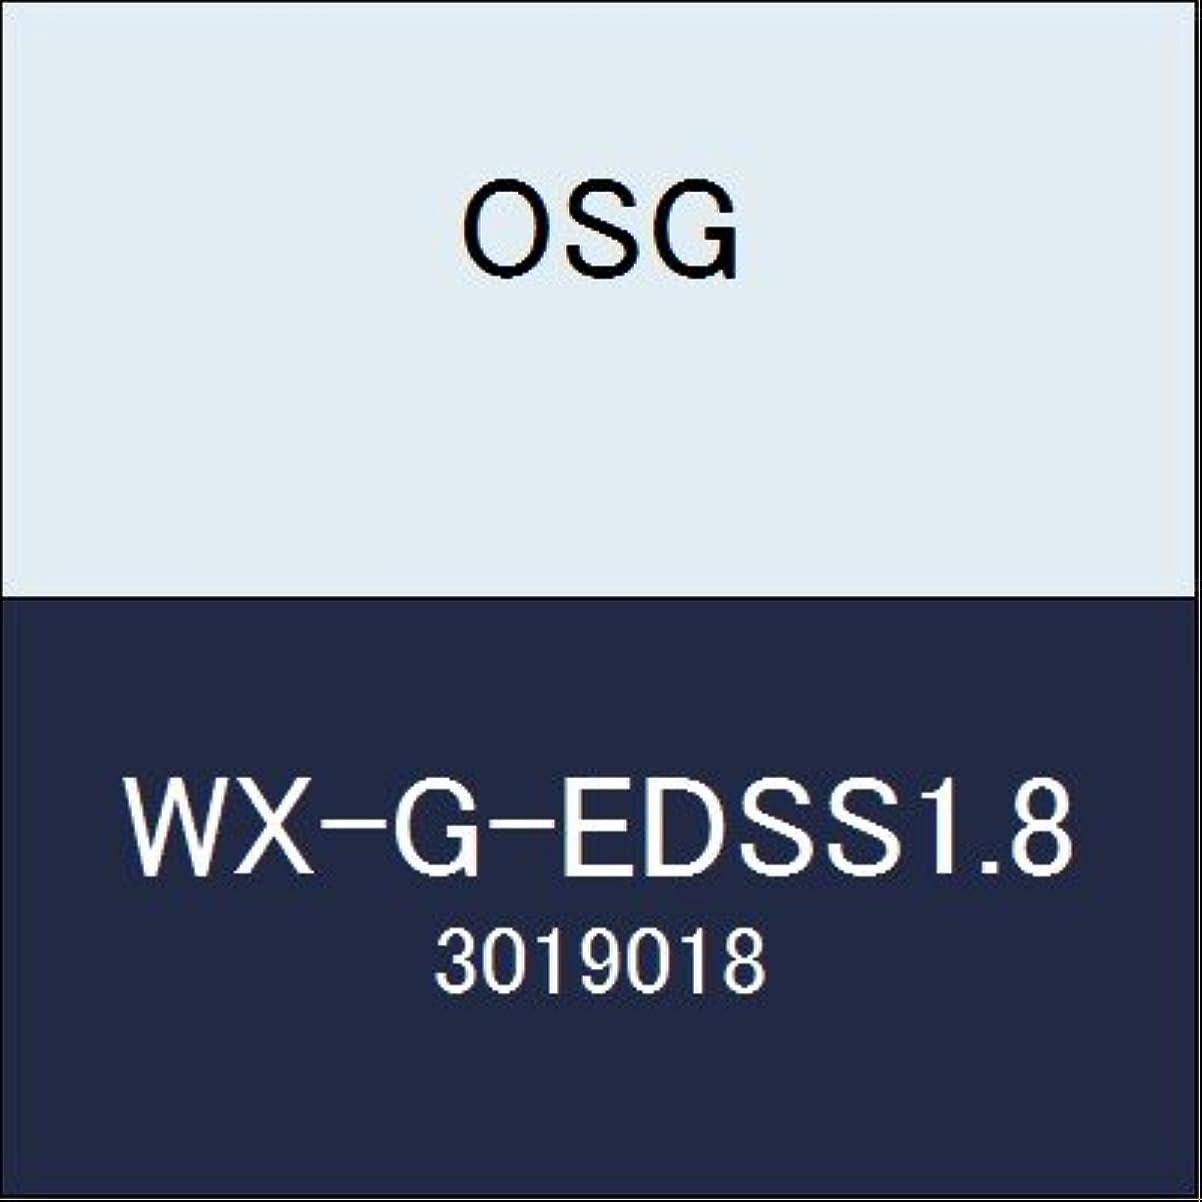 禁止するはちみつ偽OSG エンドミル WX-G-EDSS1.8 商品番号 3019018